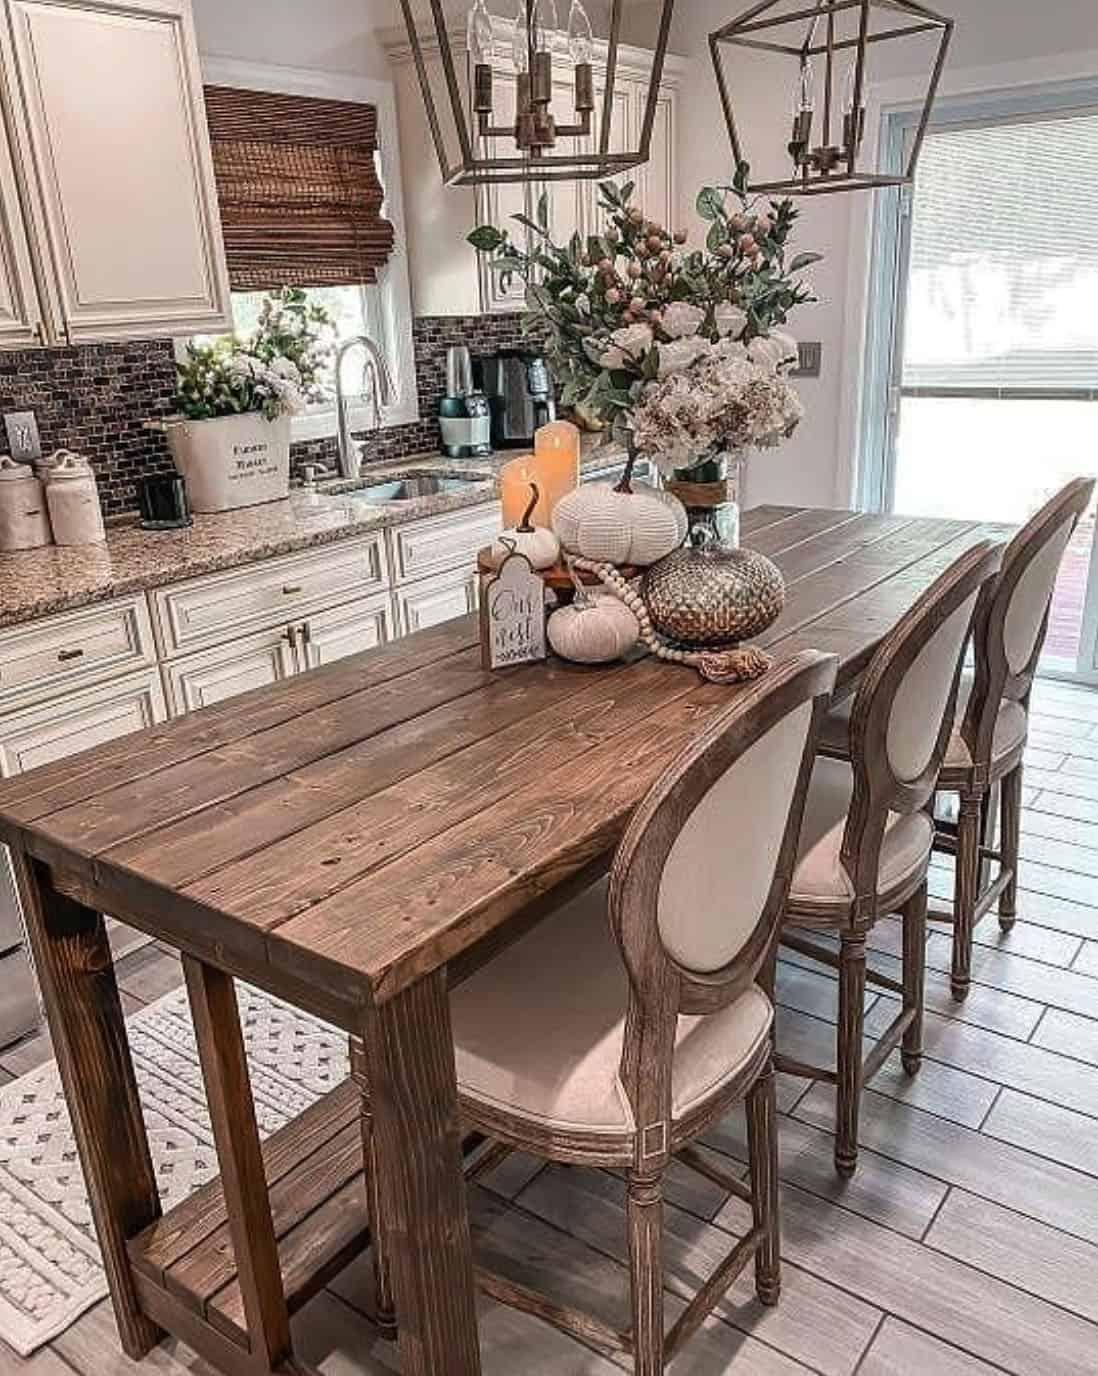 casual-fall-table-setting-idea